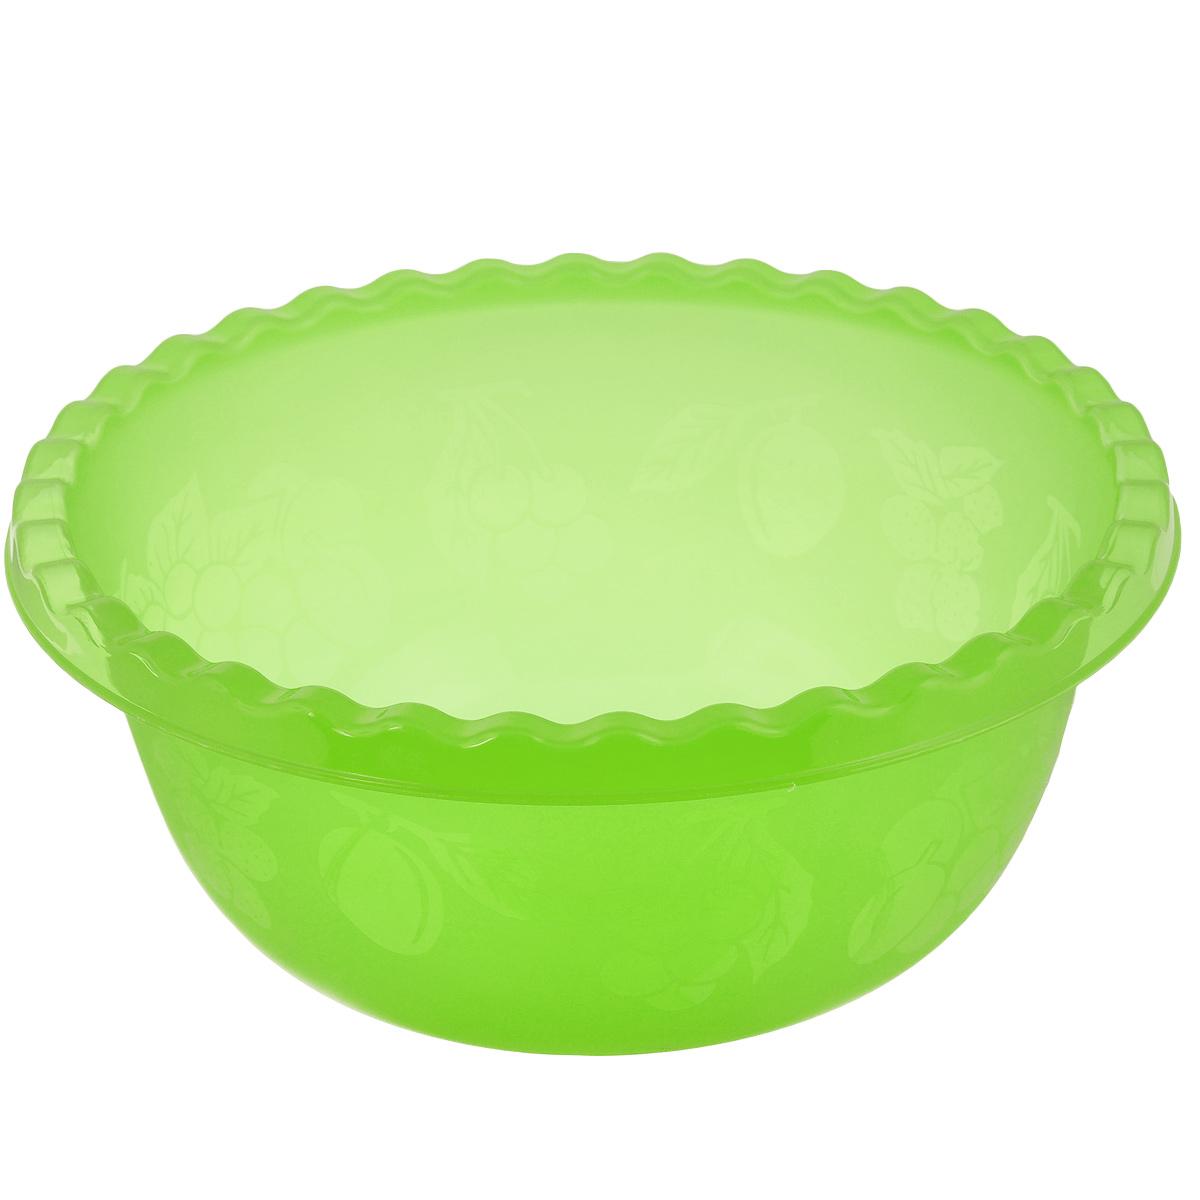 Миска Idea, цвет: салатовый, 5 лМ 1313Вместительная миска Idea изготовлена из высококачественного пищевого пластика. Изделие очень функциональное, оно пригодится на кухне для самых разнообразных нужд: в качестве салатника, миски, тарелки. По периметру миска украшена узором в виде фруктов. Диаметр миски: 28,5 см. Высота миски: 12 см. Объем: 5 л.